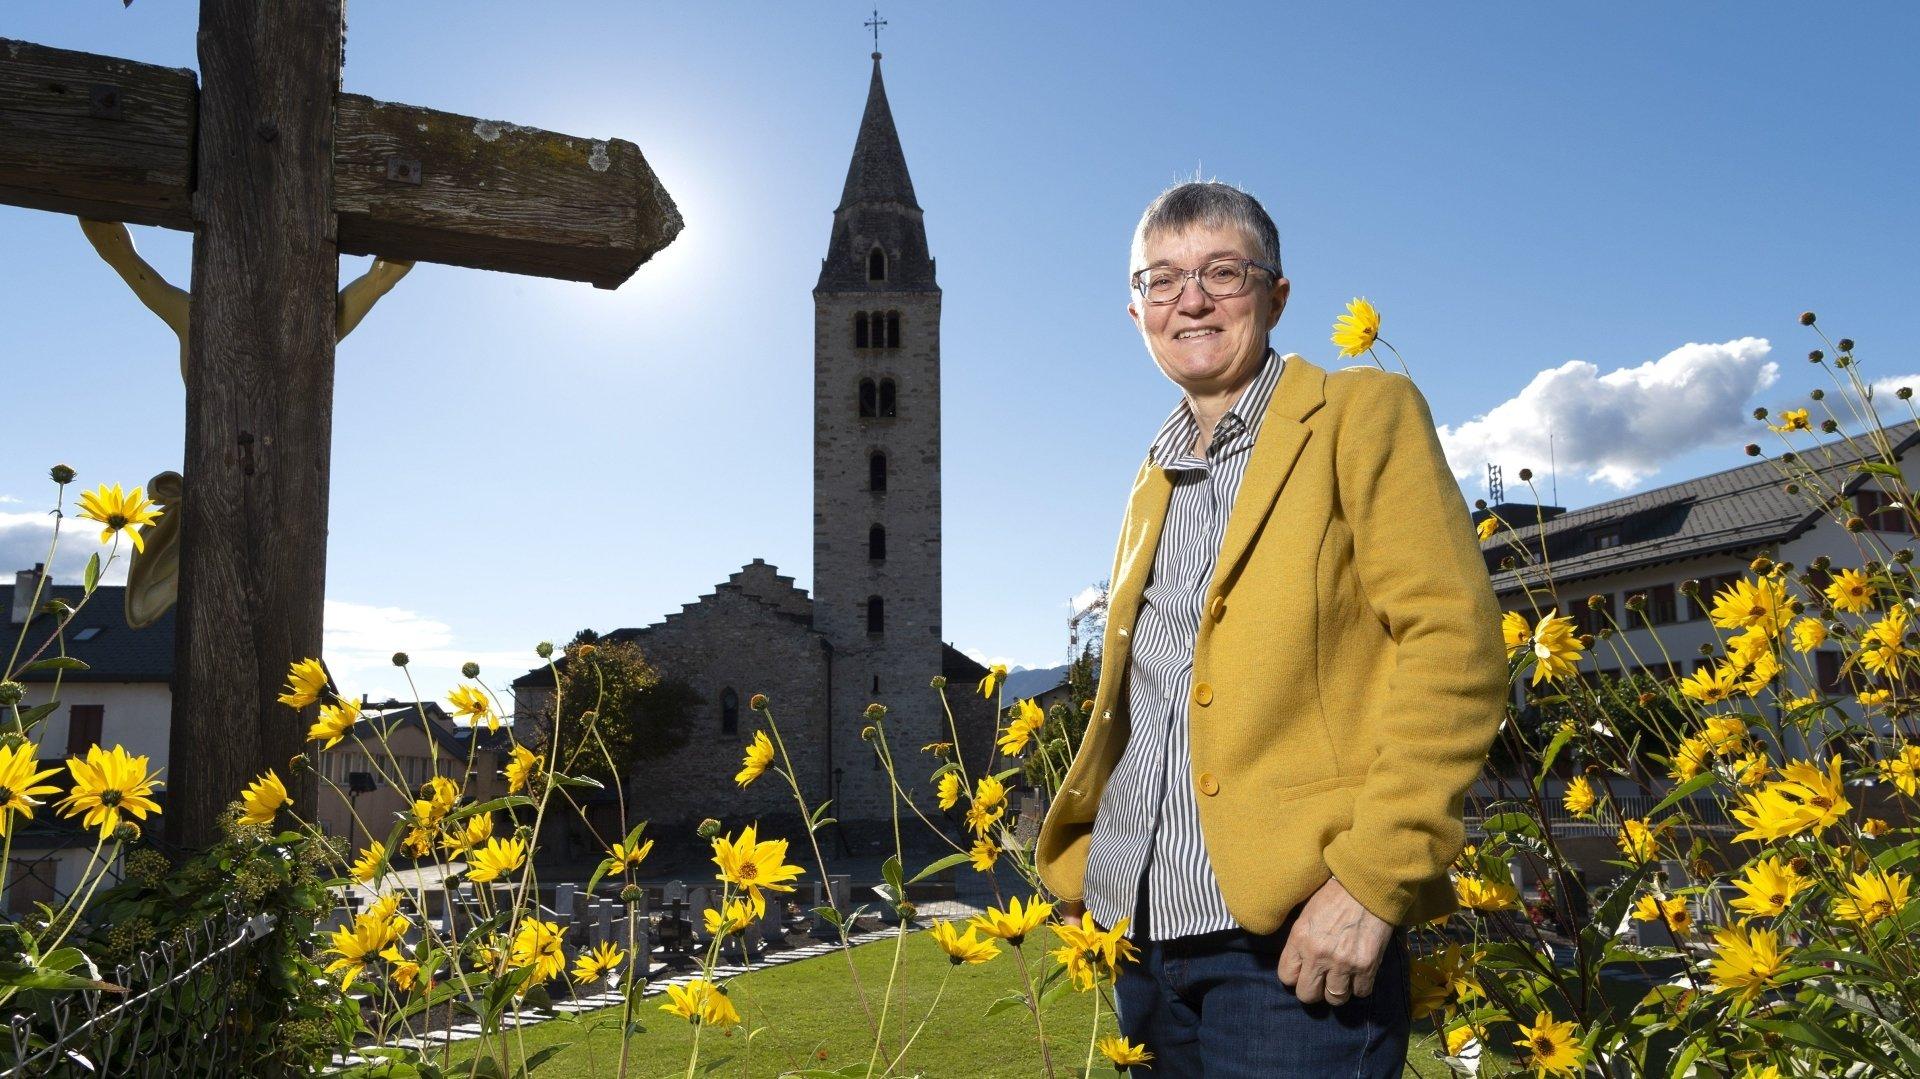 Elle a choisi de traiter plusieurs chapitres de l'ouvrage sur le demi-millénaire de l'église paroissiale.